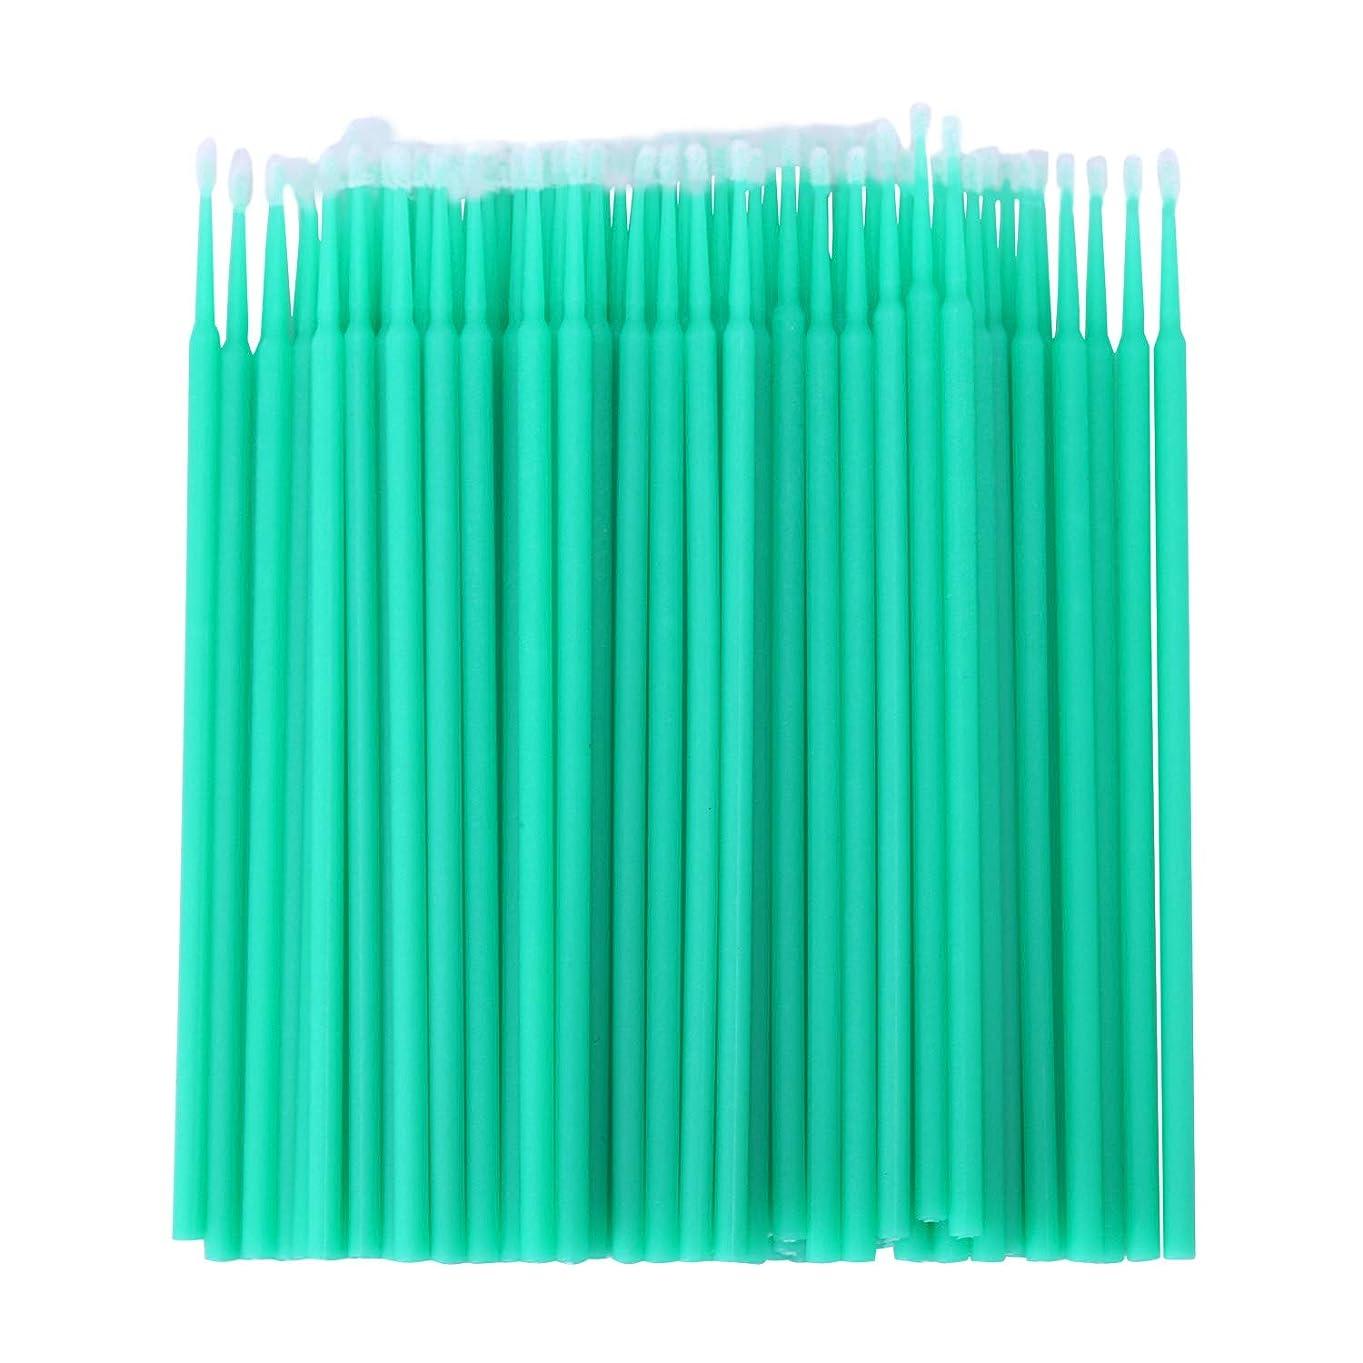 お別れご近所刈り取るACAMPTAR 100個 歯科用マイクロブラシ 使い捨て材料 歯用アプリケーター ミディアムファイン(ライトグリーン)